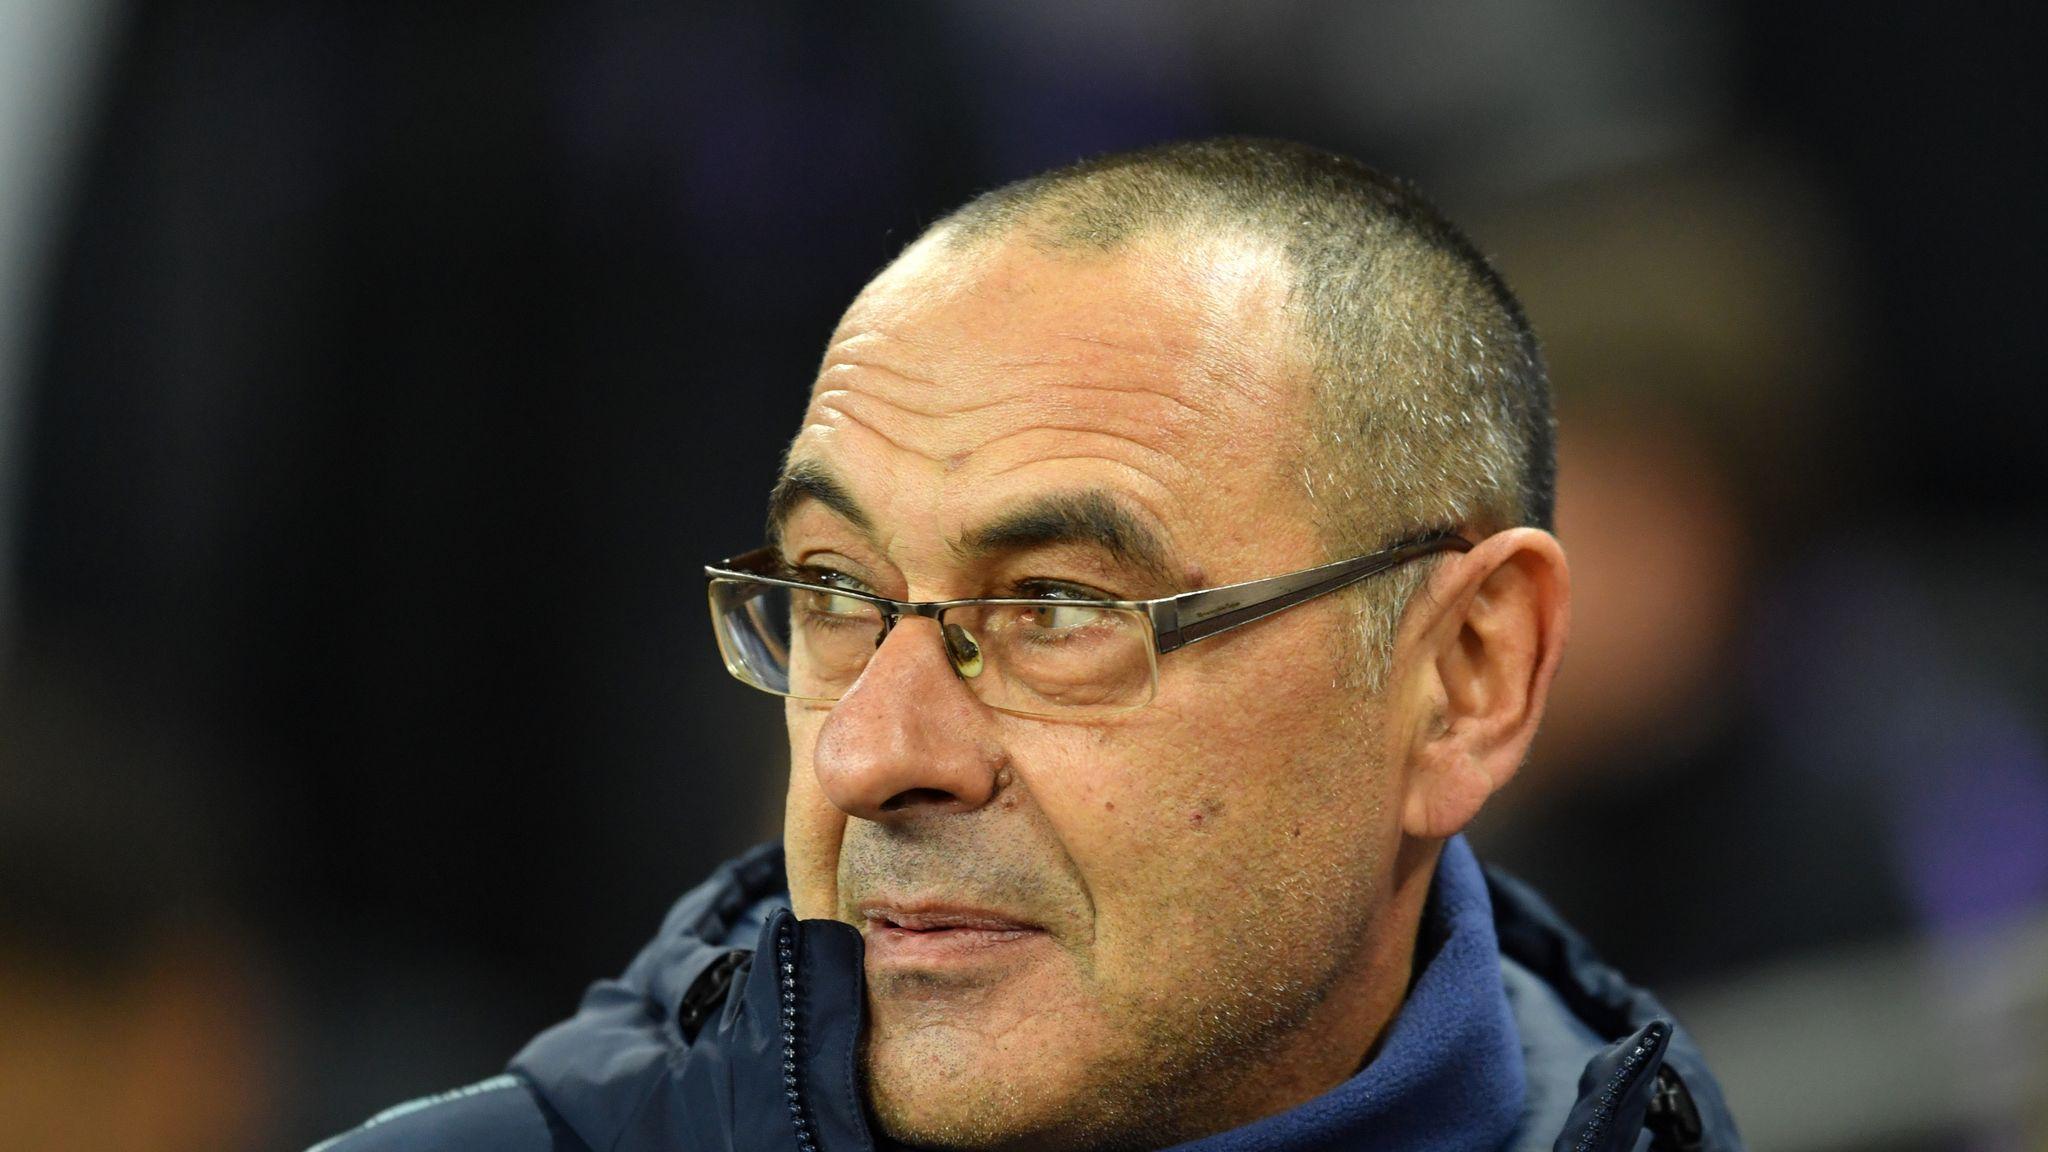 Maurizio Sarri says Chelsea character is 'strange' after